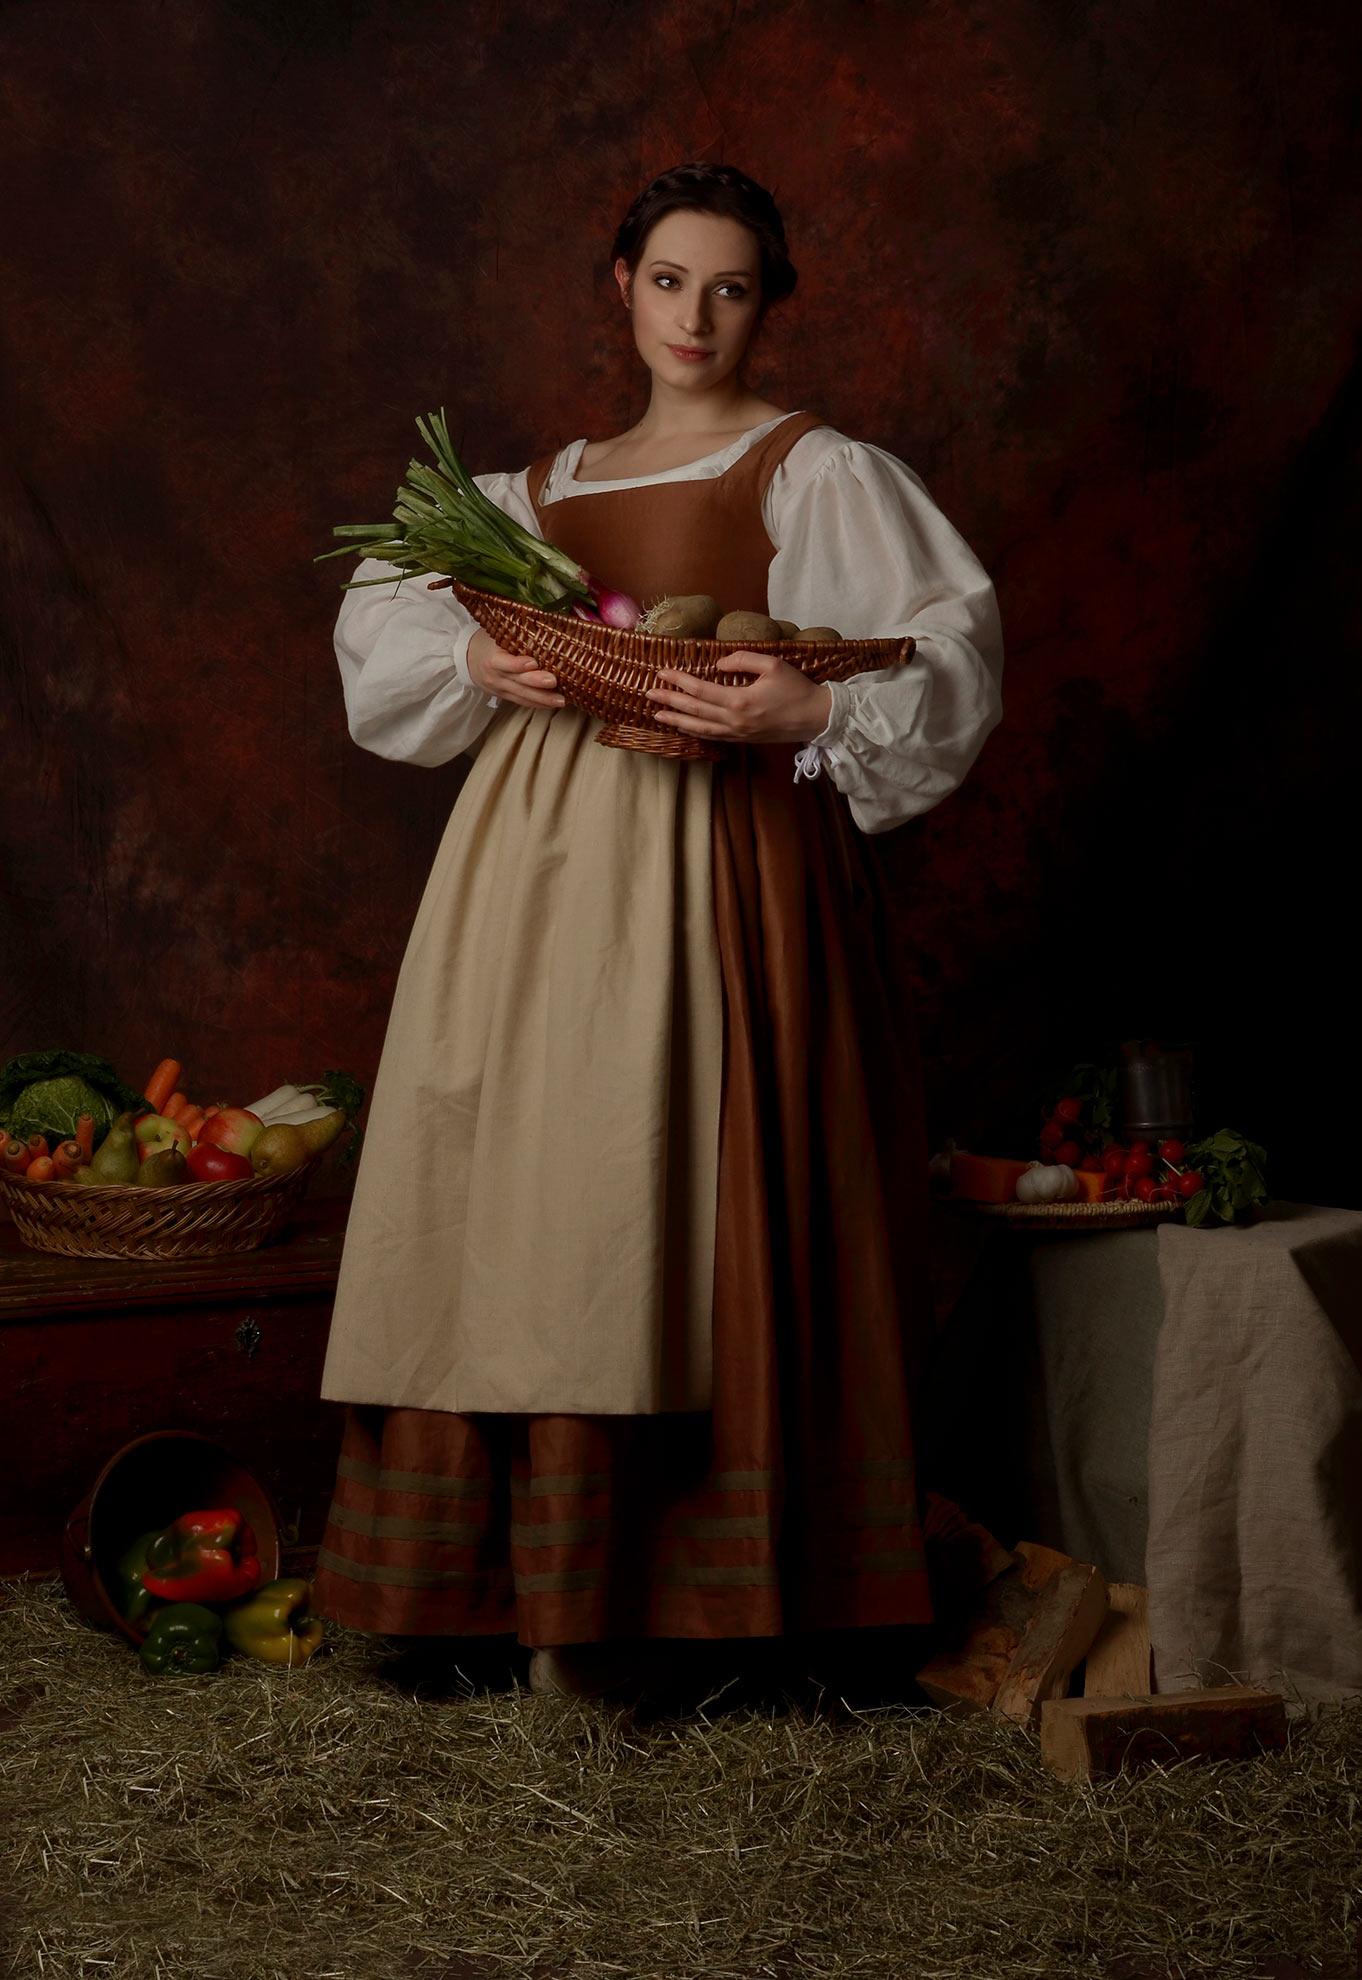 Ritratto fotografico fine art di Erica Mottin realizzato in collaborazione con la designer Elaine's Couture rappresentante una donna in abiti storici con frutta e verdura